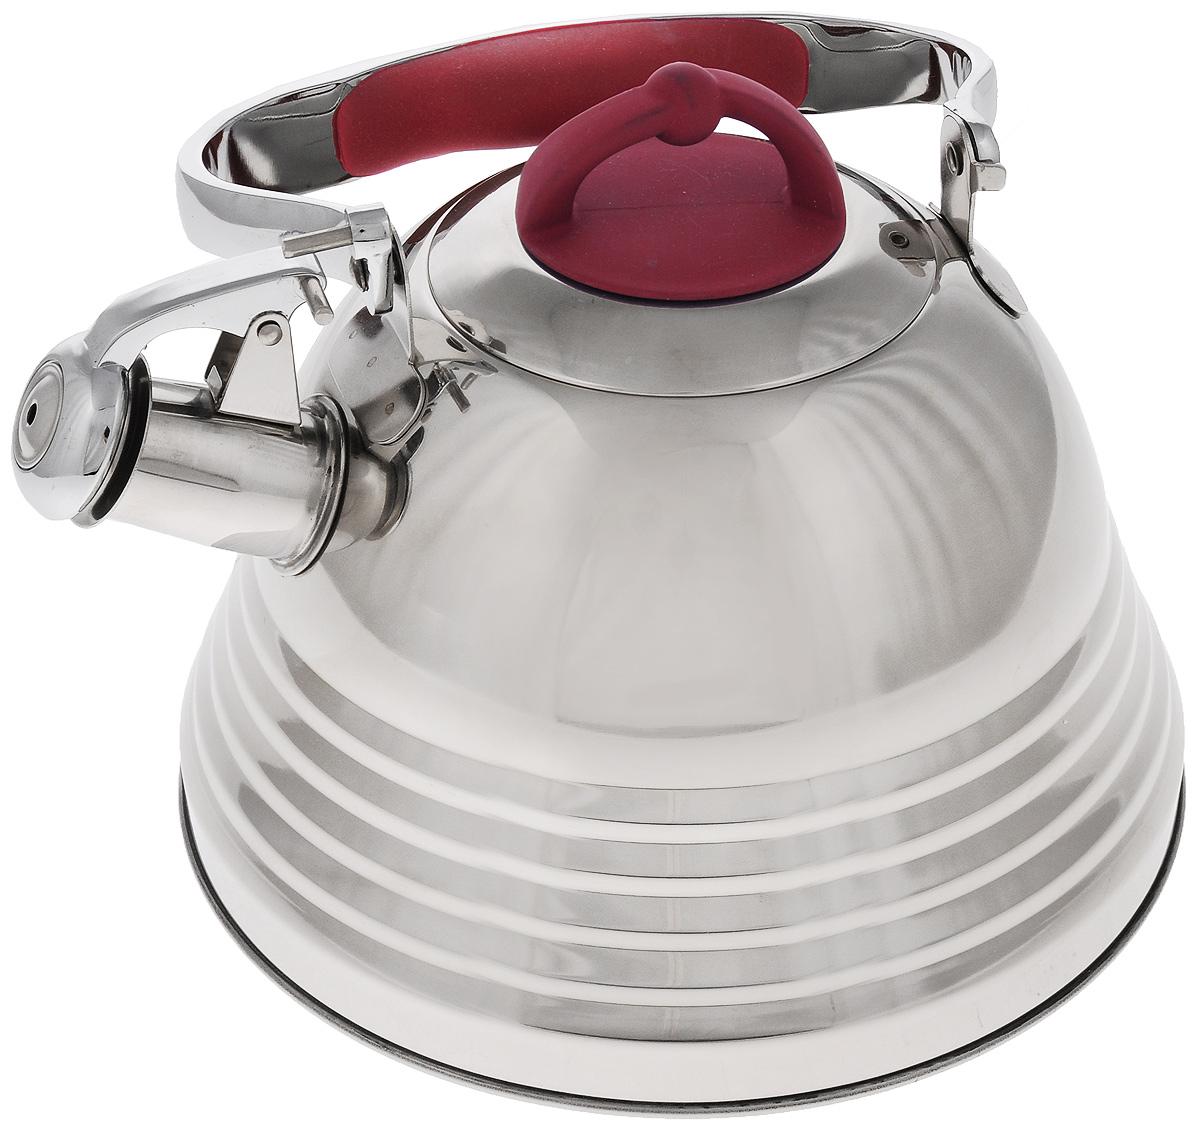 Чайник Mayer & Boch, со свистком, цвет: стальной, красный, 3 л. 2278422784Чайник Mayer & Boch выполнен из высококачественной нержавеющей стали, что обеспечивает долговечность использования. Капсулированное дно с прослойкой из алюминия обеспечивает наилучшее распределение тепла. Носик чайника оснащен насадкой-свистком и устройством для его открывания, что позволит вам контролировать процесс подогрева или кипячения воды. Ручка оснащена силиконовой вставкой для предотвращения ожогов на руках. Можно мыть в посудомоечной машине. Подходит для всех типов плит, включая индукционные. Диаметр чайника (по верхнему краю): 10 см. Высота чайника (без учета крышки и ручки): 13 см. Высота чайника (с учетом крышки и ручки): 24,5 см.